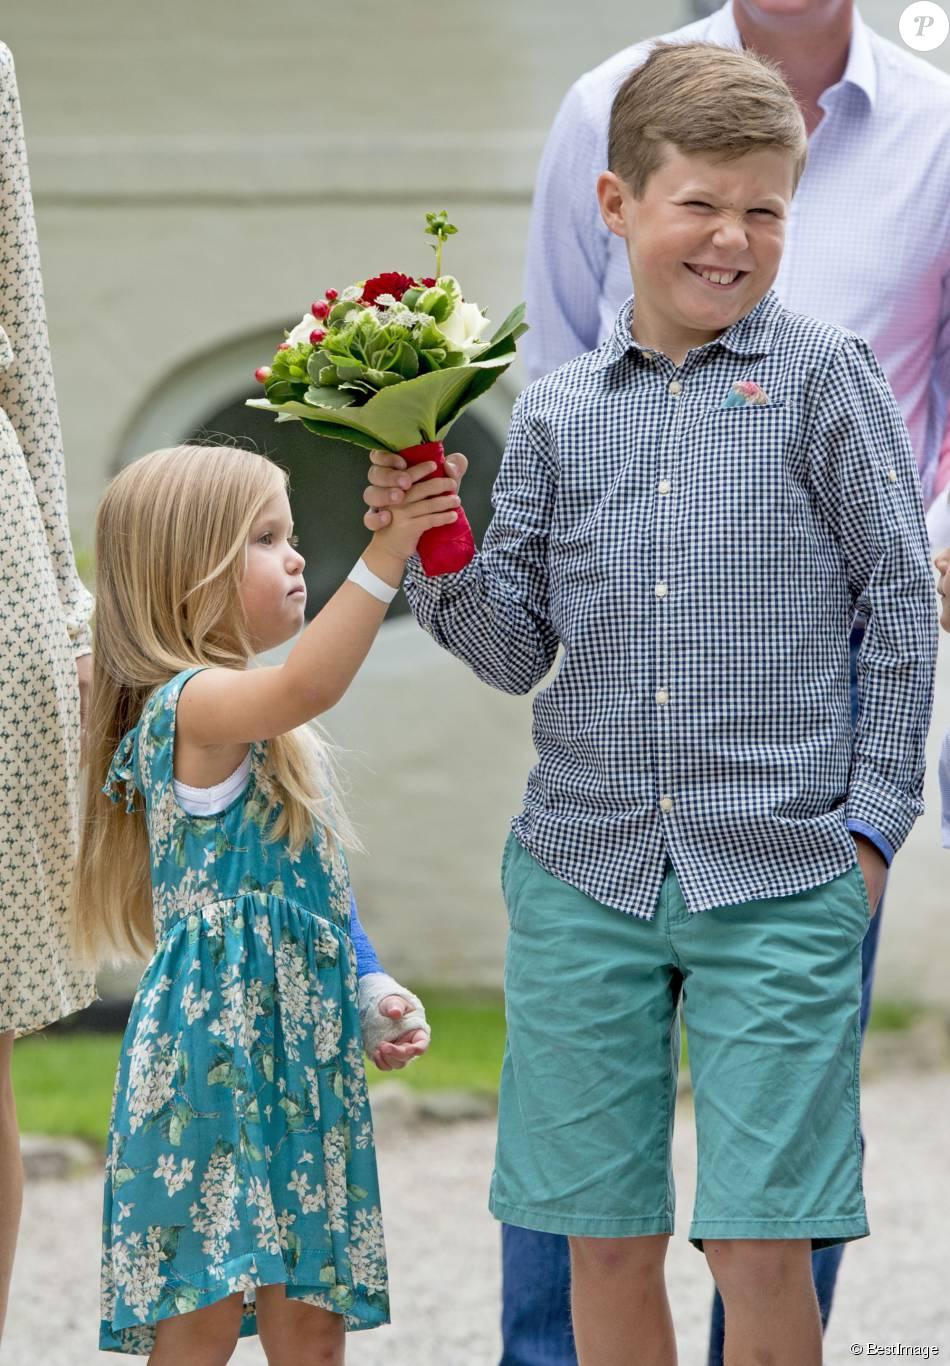 Josephine et son grand frère Christian. La princesse Mary et le prince Frederik de Danemark, avec leurs quatre enfants (Christian, Isabella, Vincent et Josephine), assistaient le 19 juillet 2015 dans la cour du château de Grasten à la parade d'une association de cavaliers.